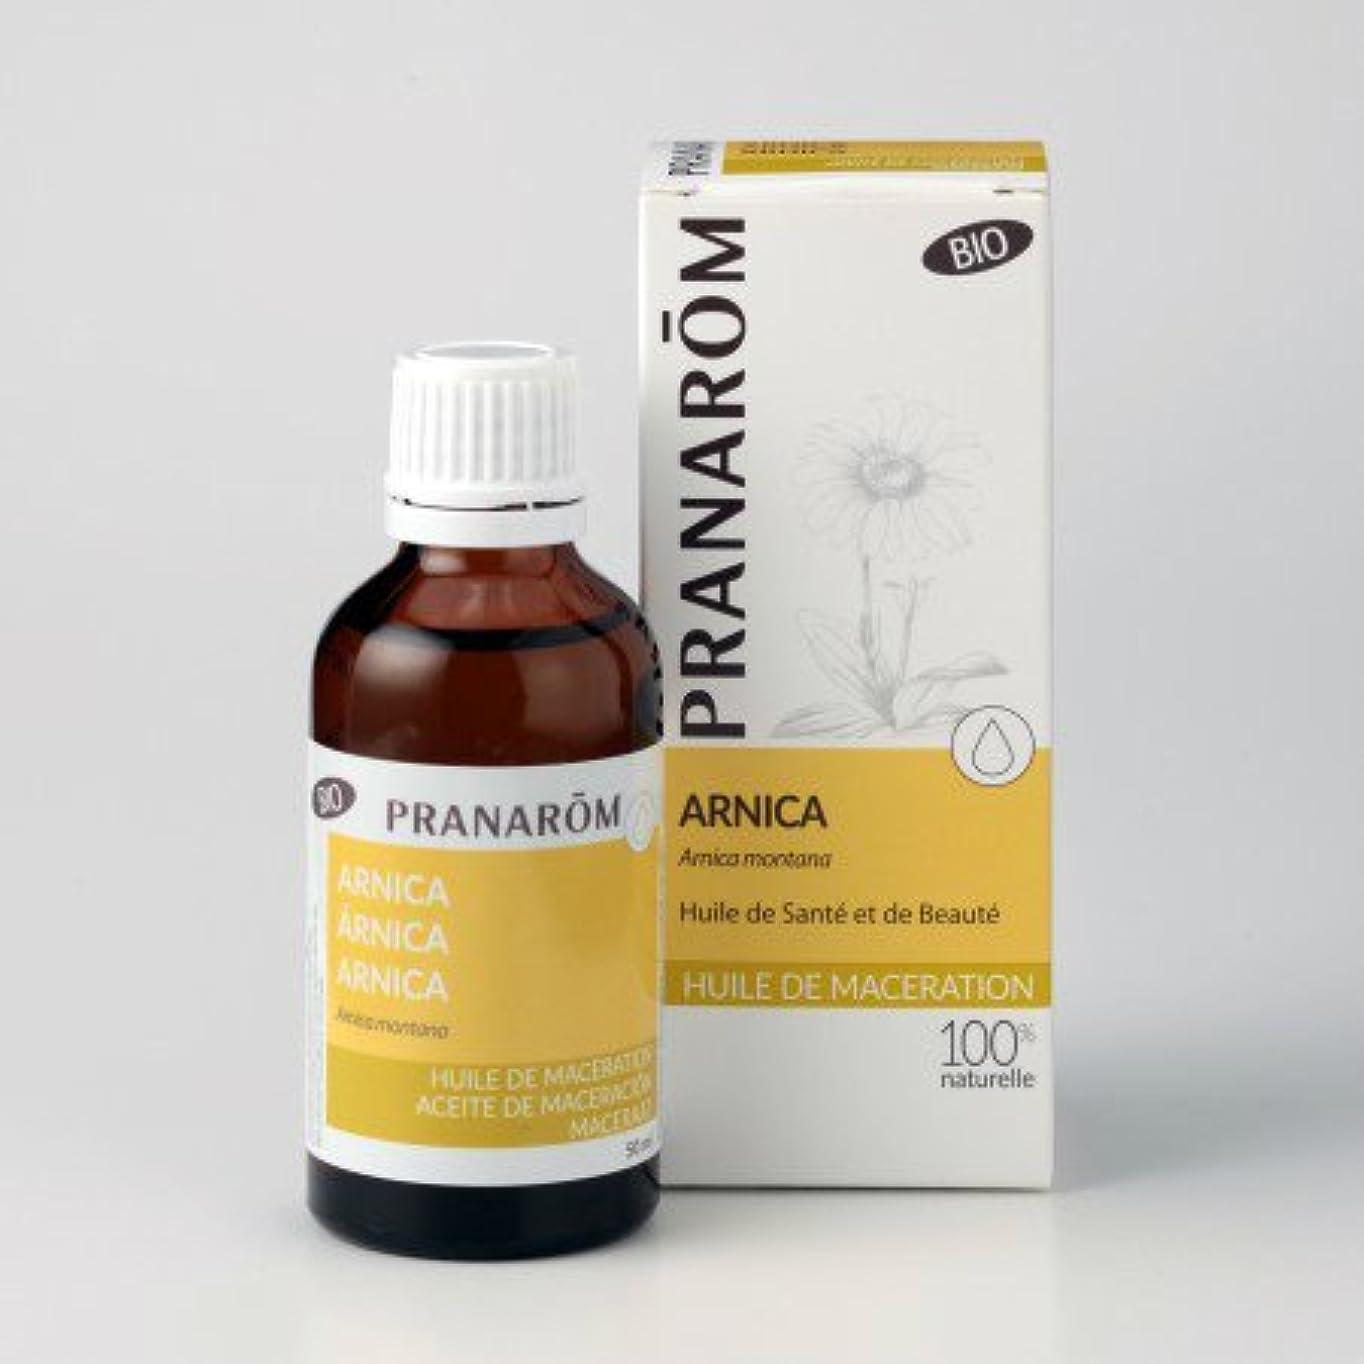 ディスク子羊大使館プラナロム アルニカオイル 50ml (PRANAROM 植物油)